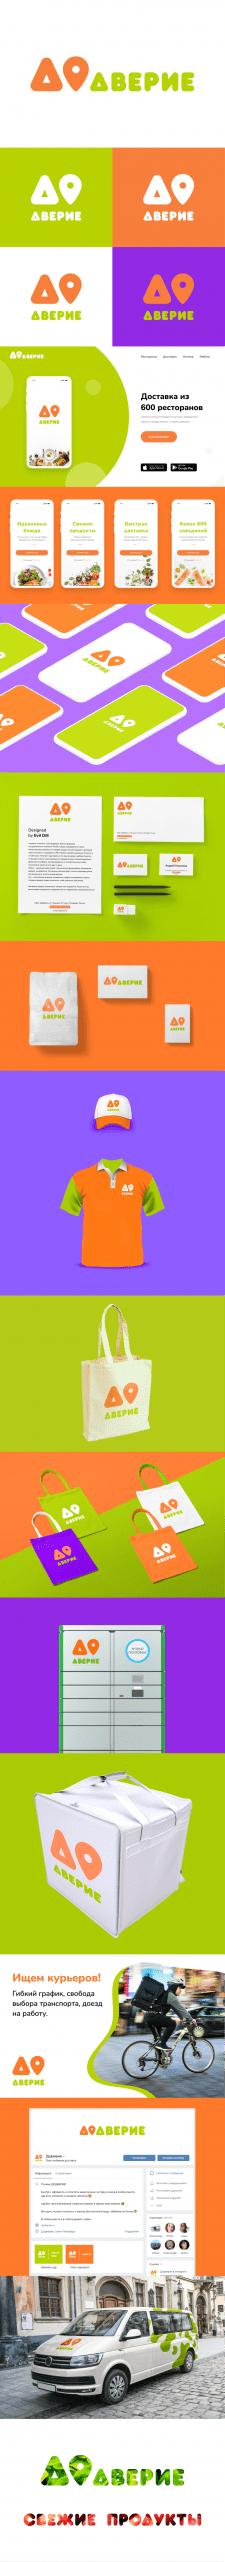 Лого, фирменный стиль, концепт сайта и приложения